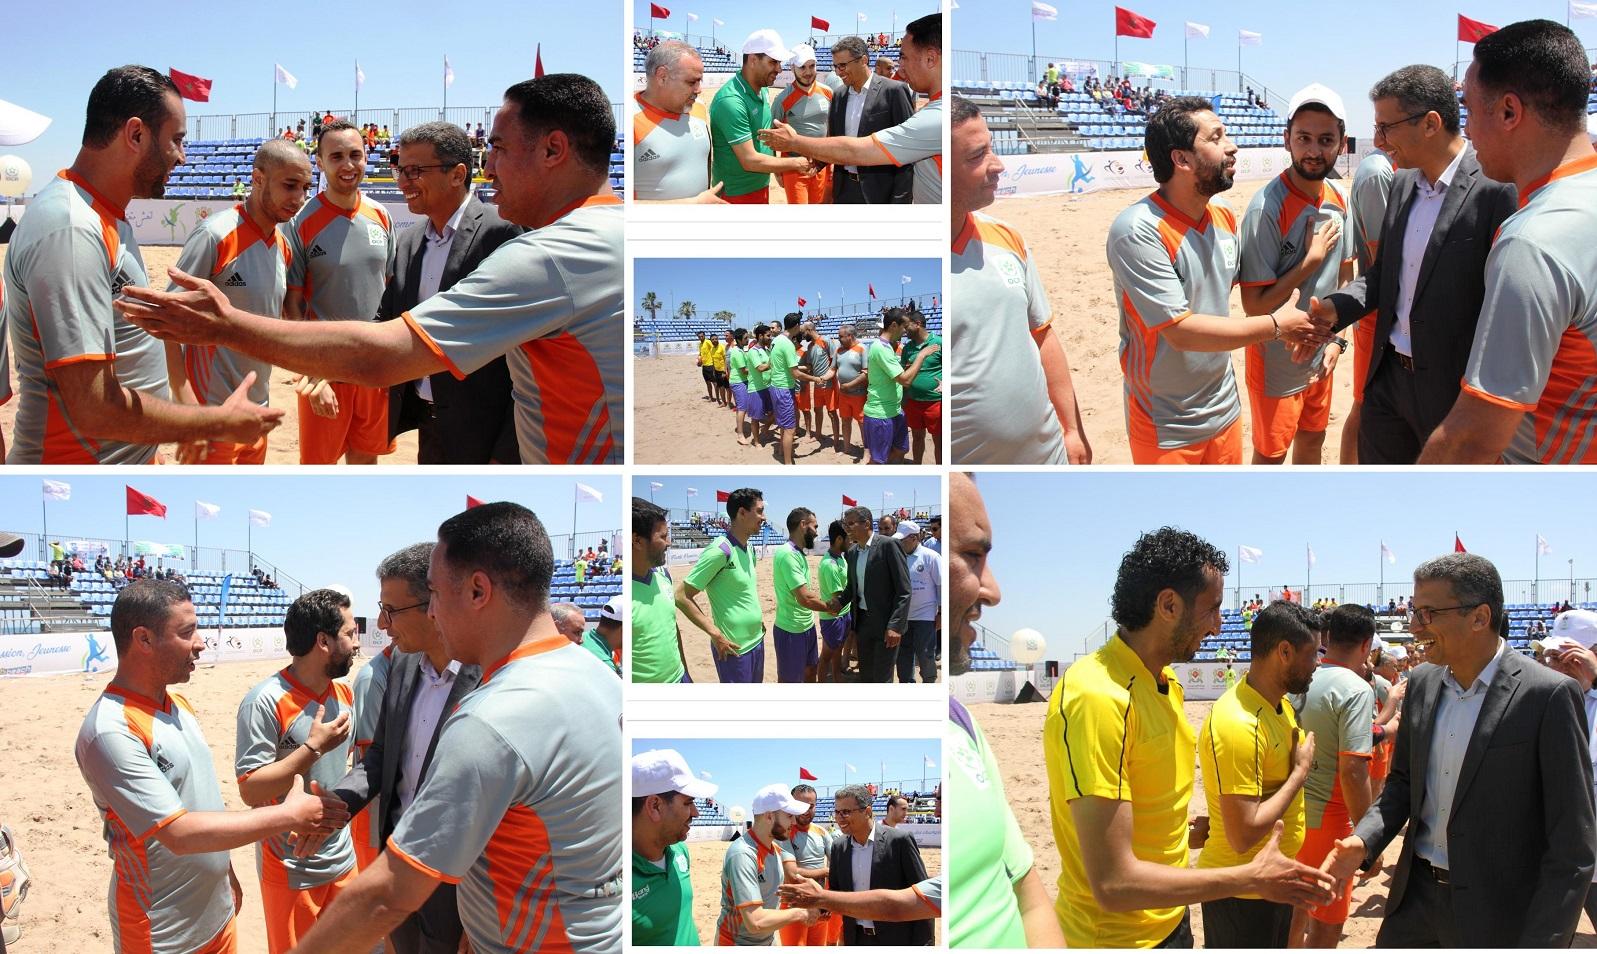 فريق الرابطة المغربية للصحافيين الرياضيين يواجه اولمبيك الجديدة في افتتاح دوري كرة القدم الشاطئية بالجديدة